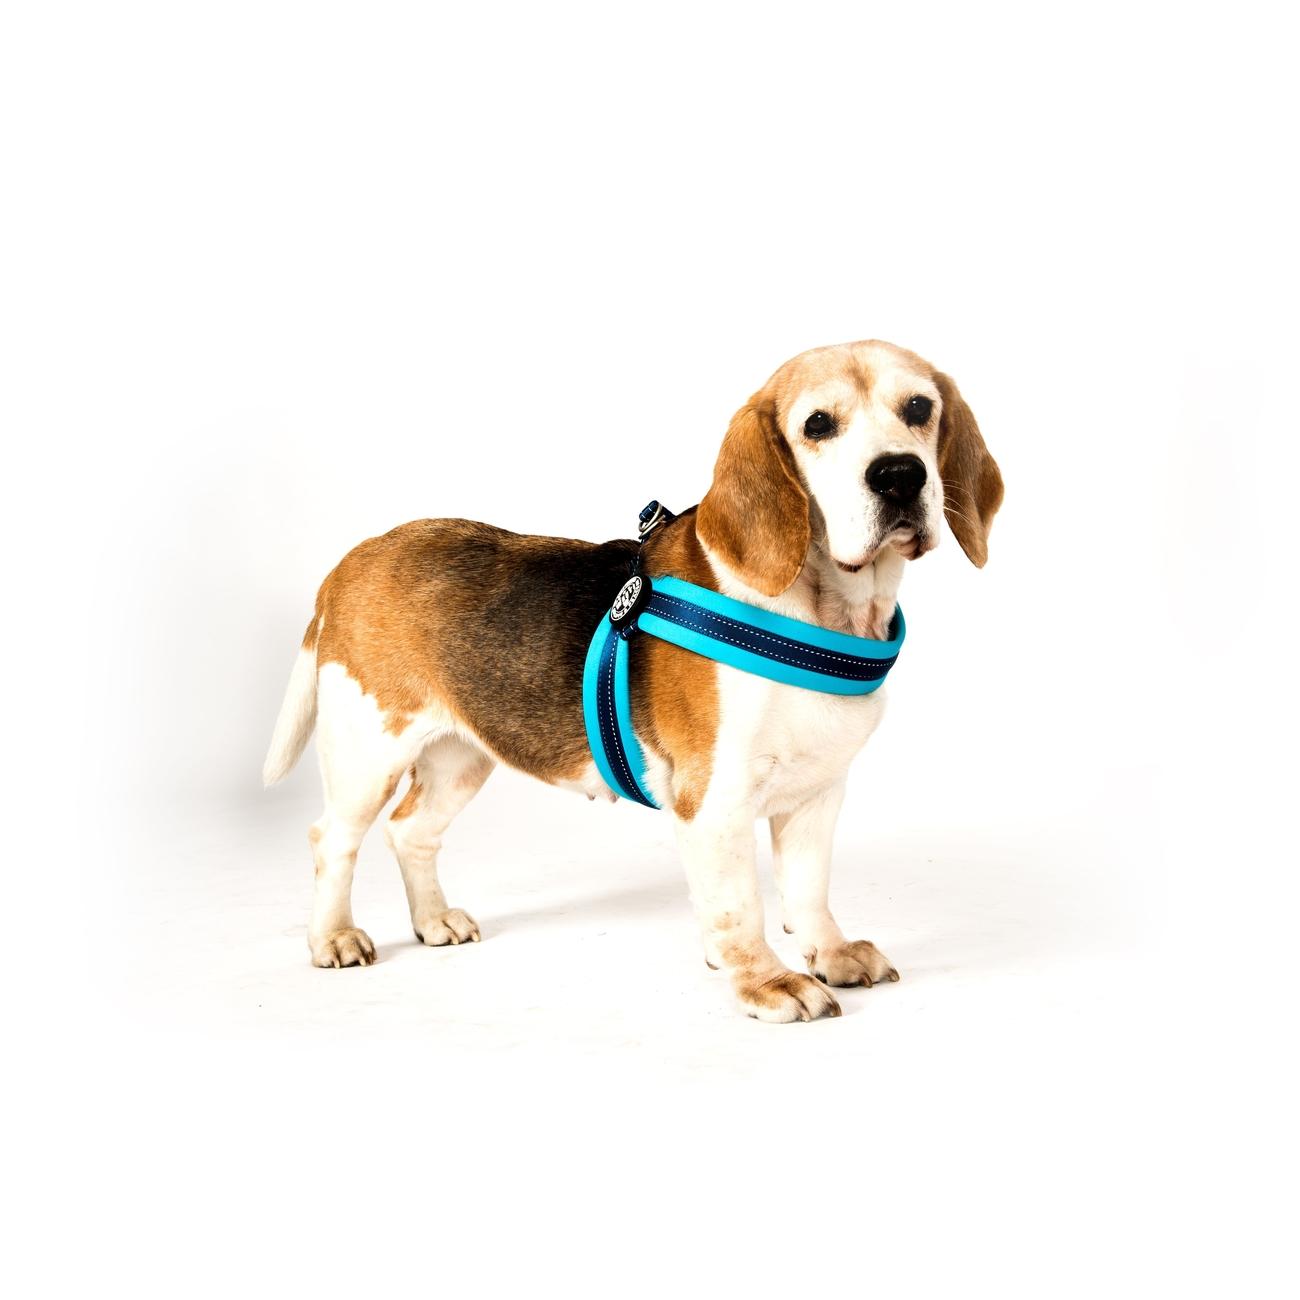 Max & Molly Matrix Q-Fit Geschirr für Hunde Bild 3